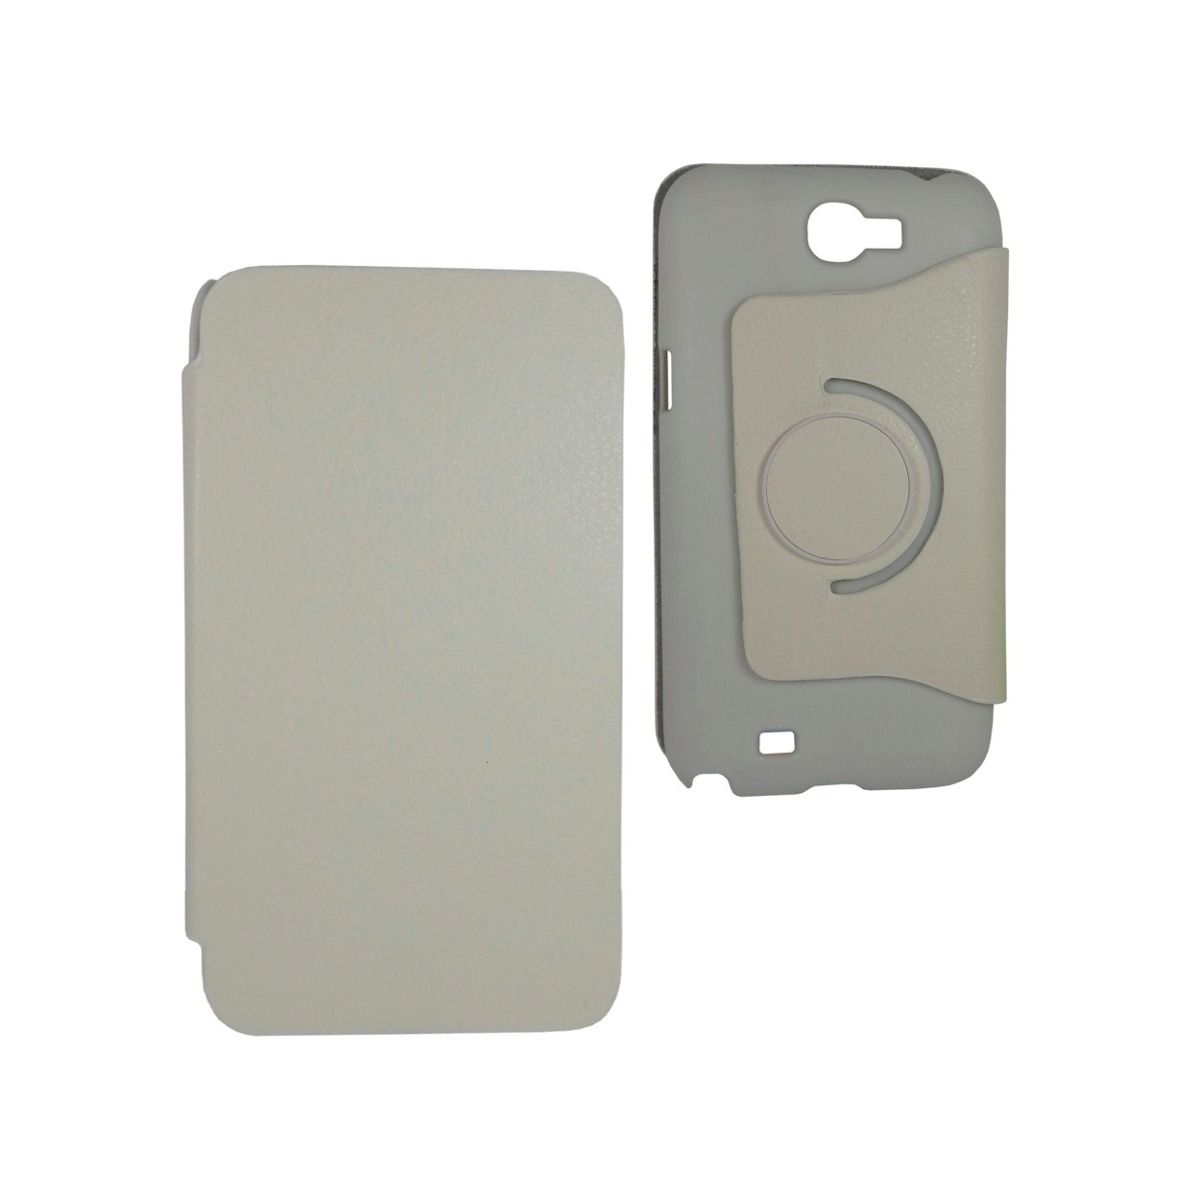 Samsung galaxy note 2 funda giratoria flip cover 360 blanco en mercado libre - Note 2 fundas ...